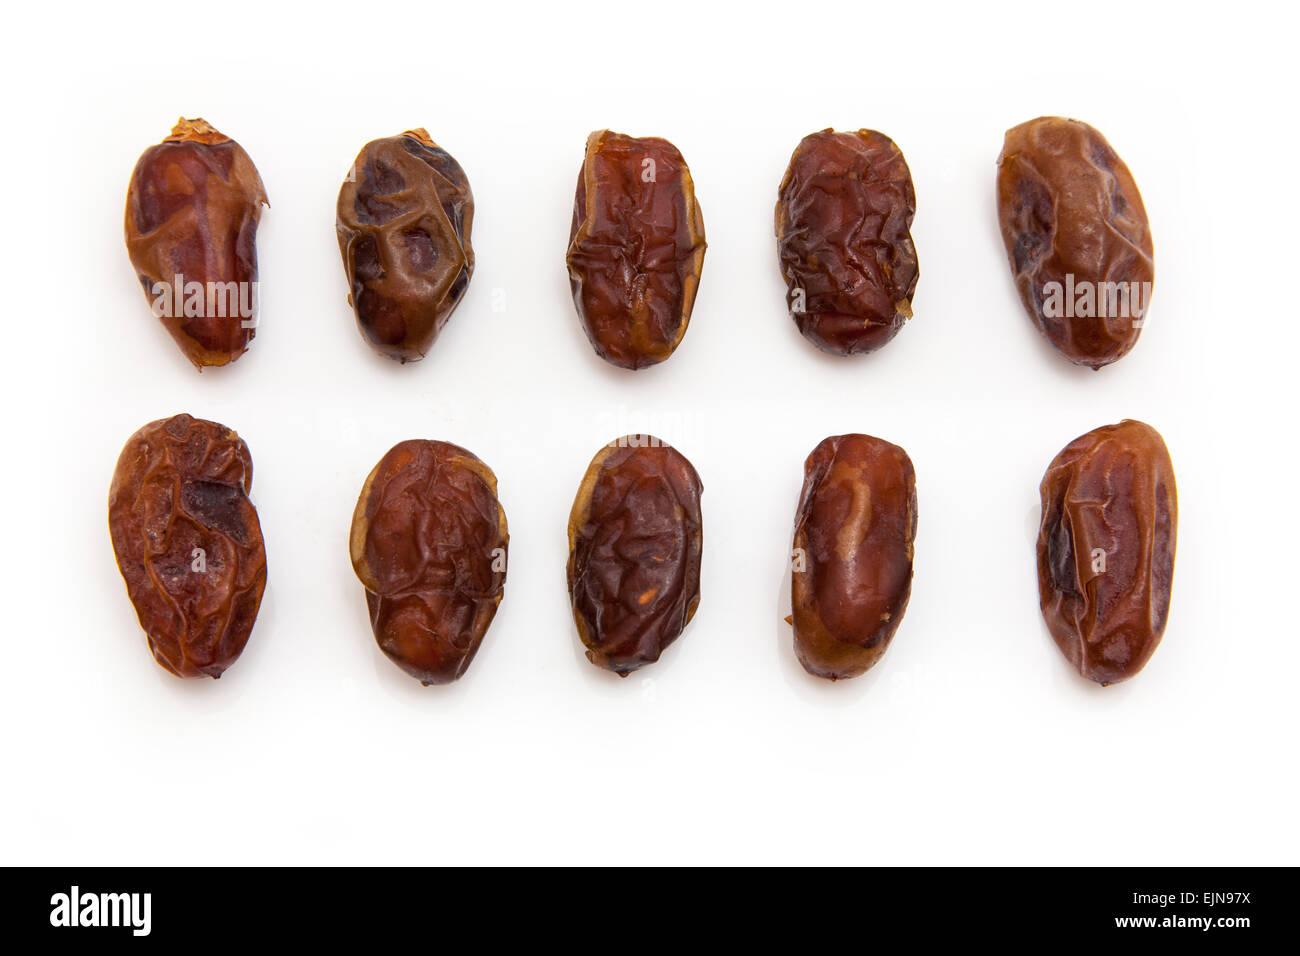 Dates Halawi isolé sur un fond blanc. Halawi date dates proviennent d'arbres dans les déserts et les Photo Stock